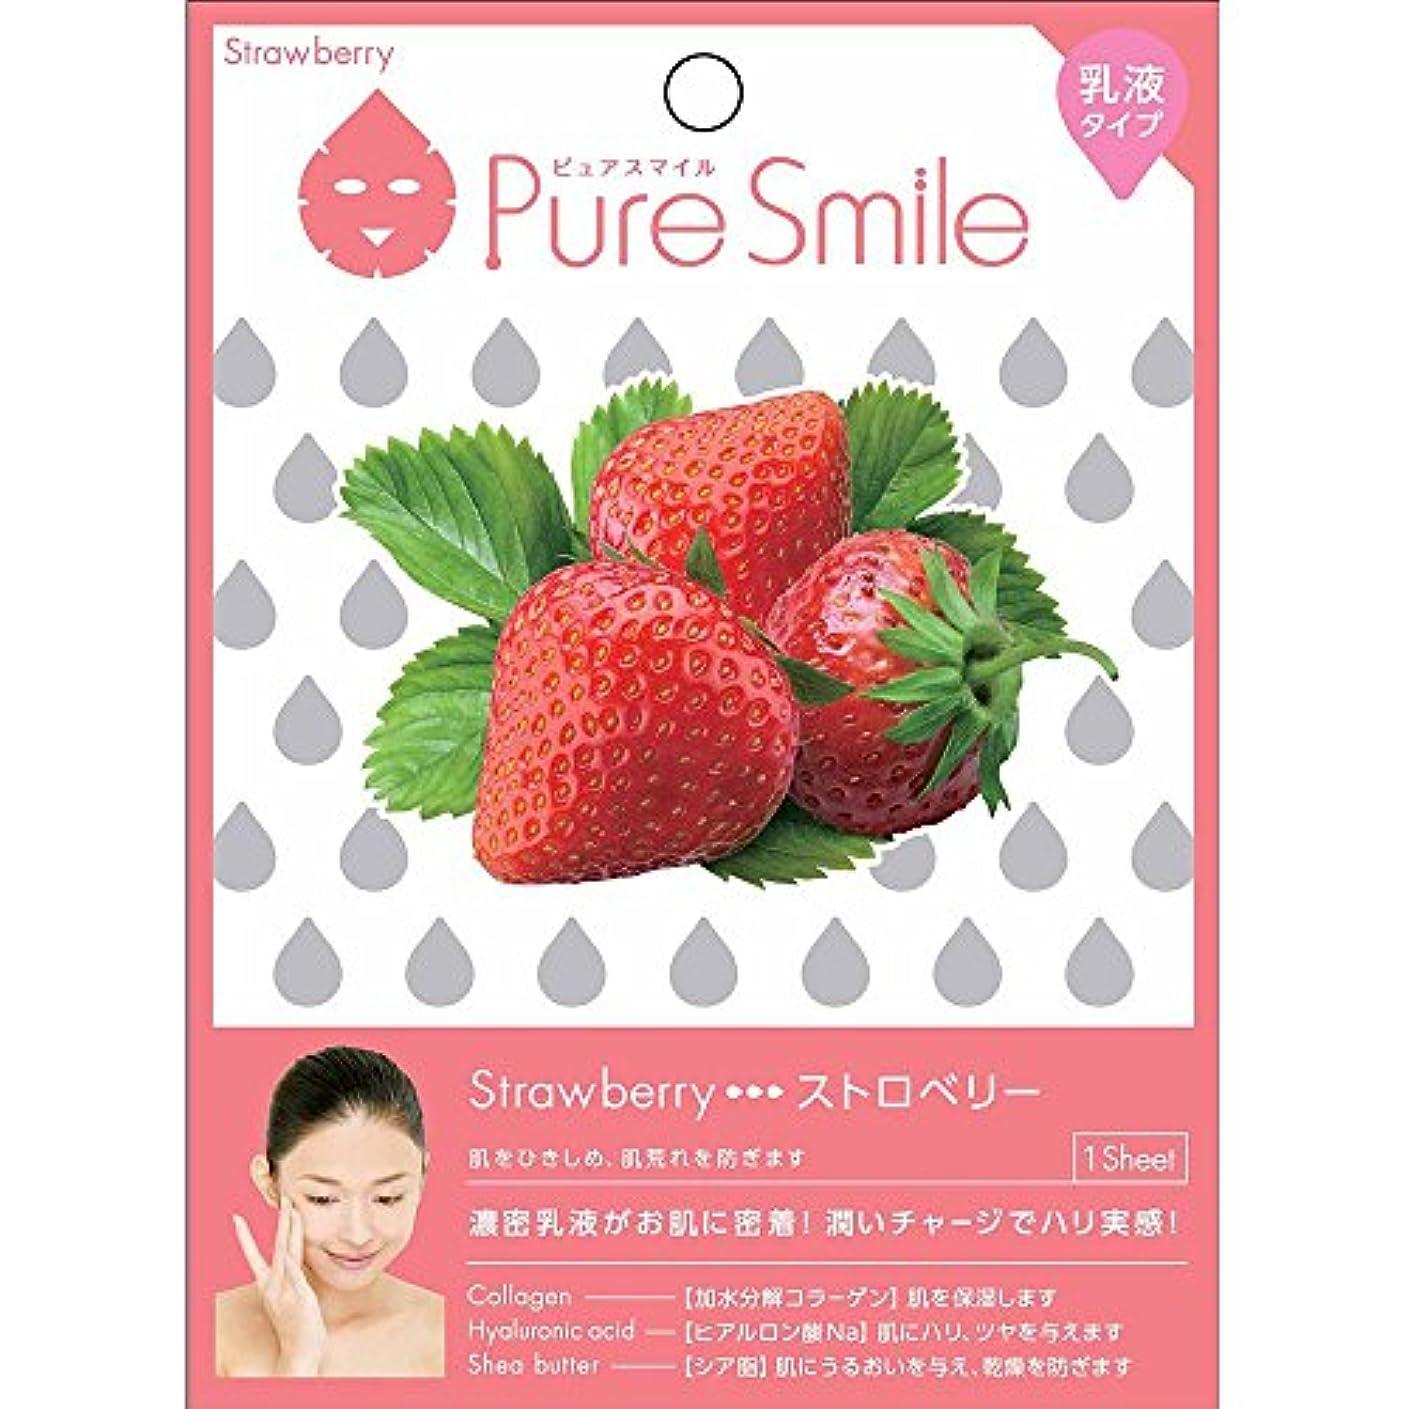 無知ポジティブ悲惨なPure Smile/ピュアスマイル 乳液 エッセンス/フェイスマスク 『Strawberry/ストロベリー(苺)』